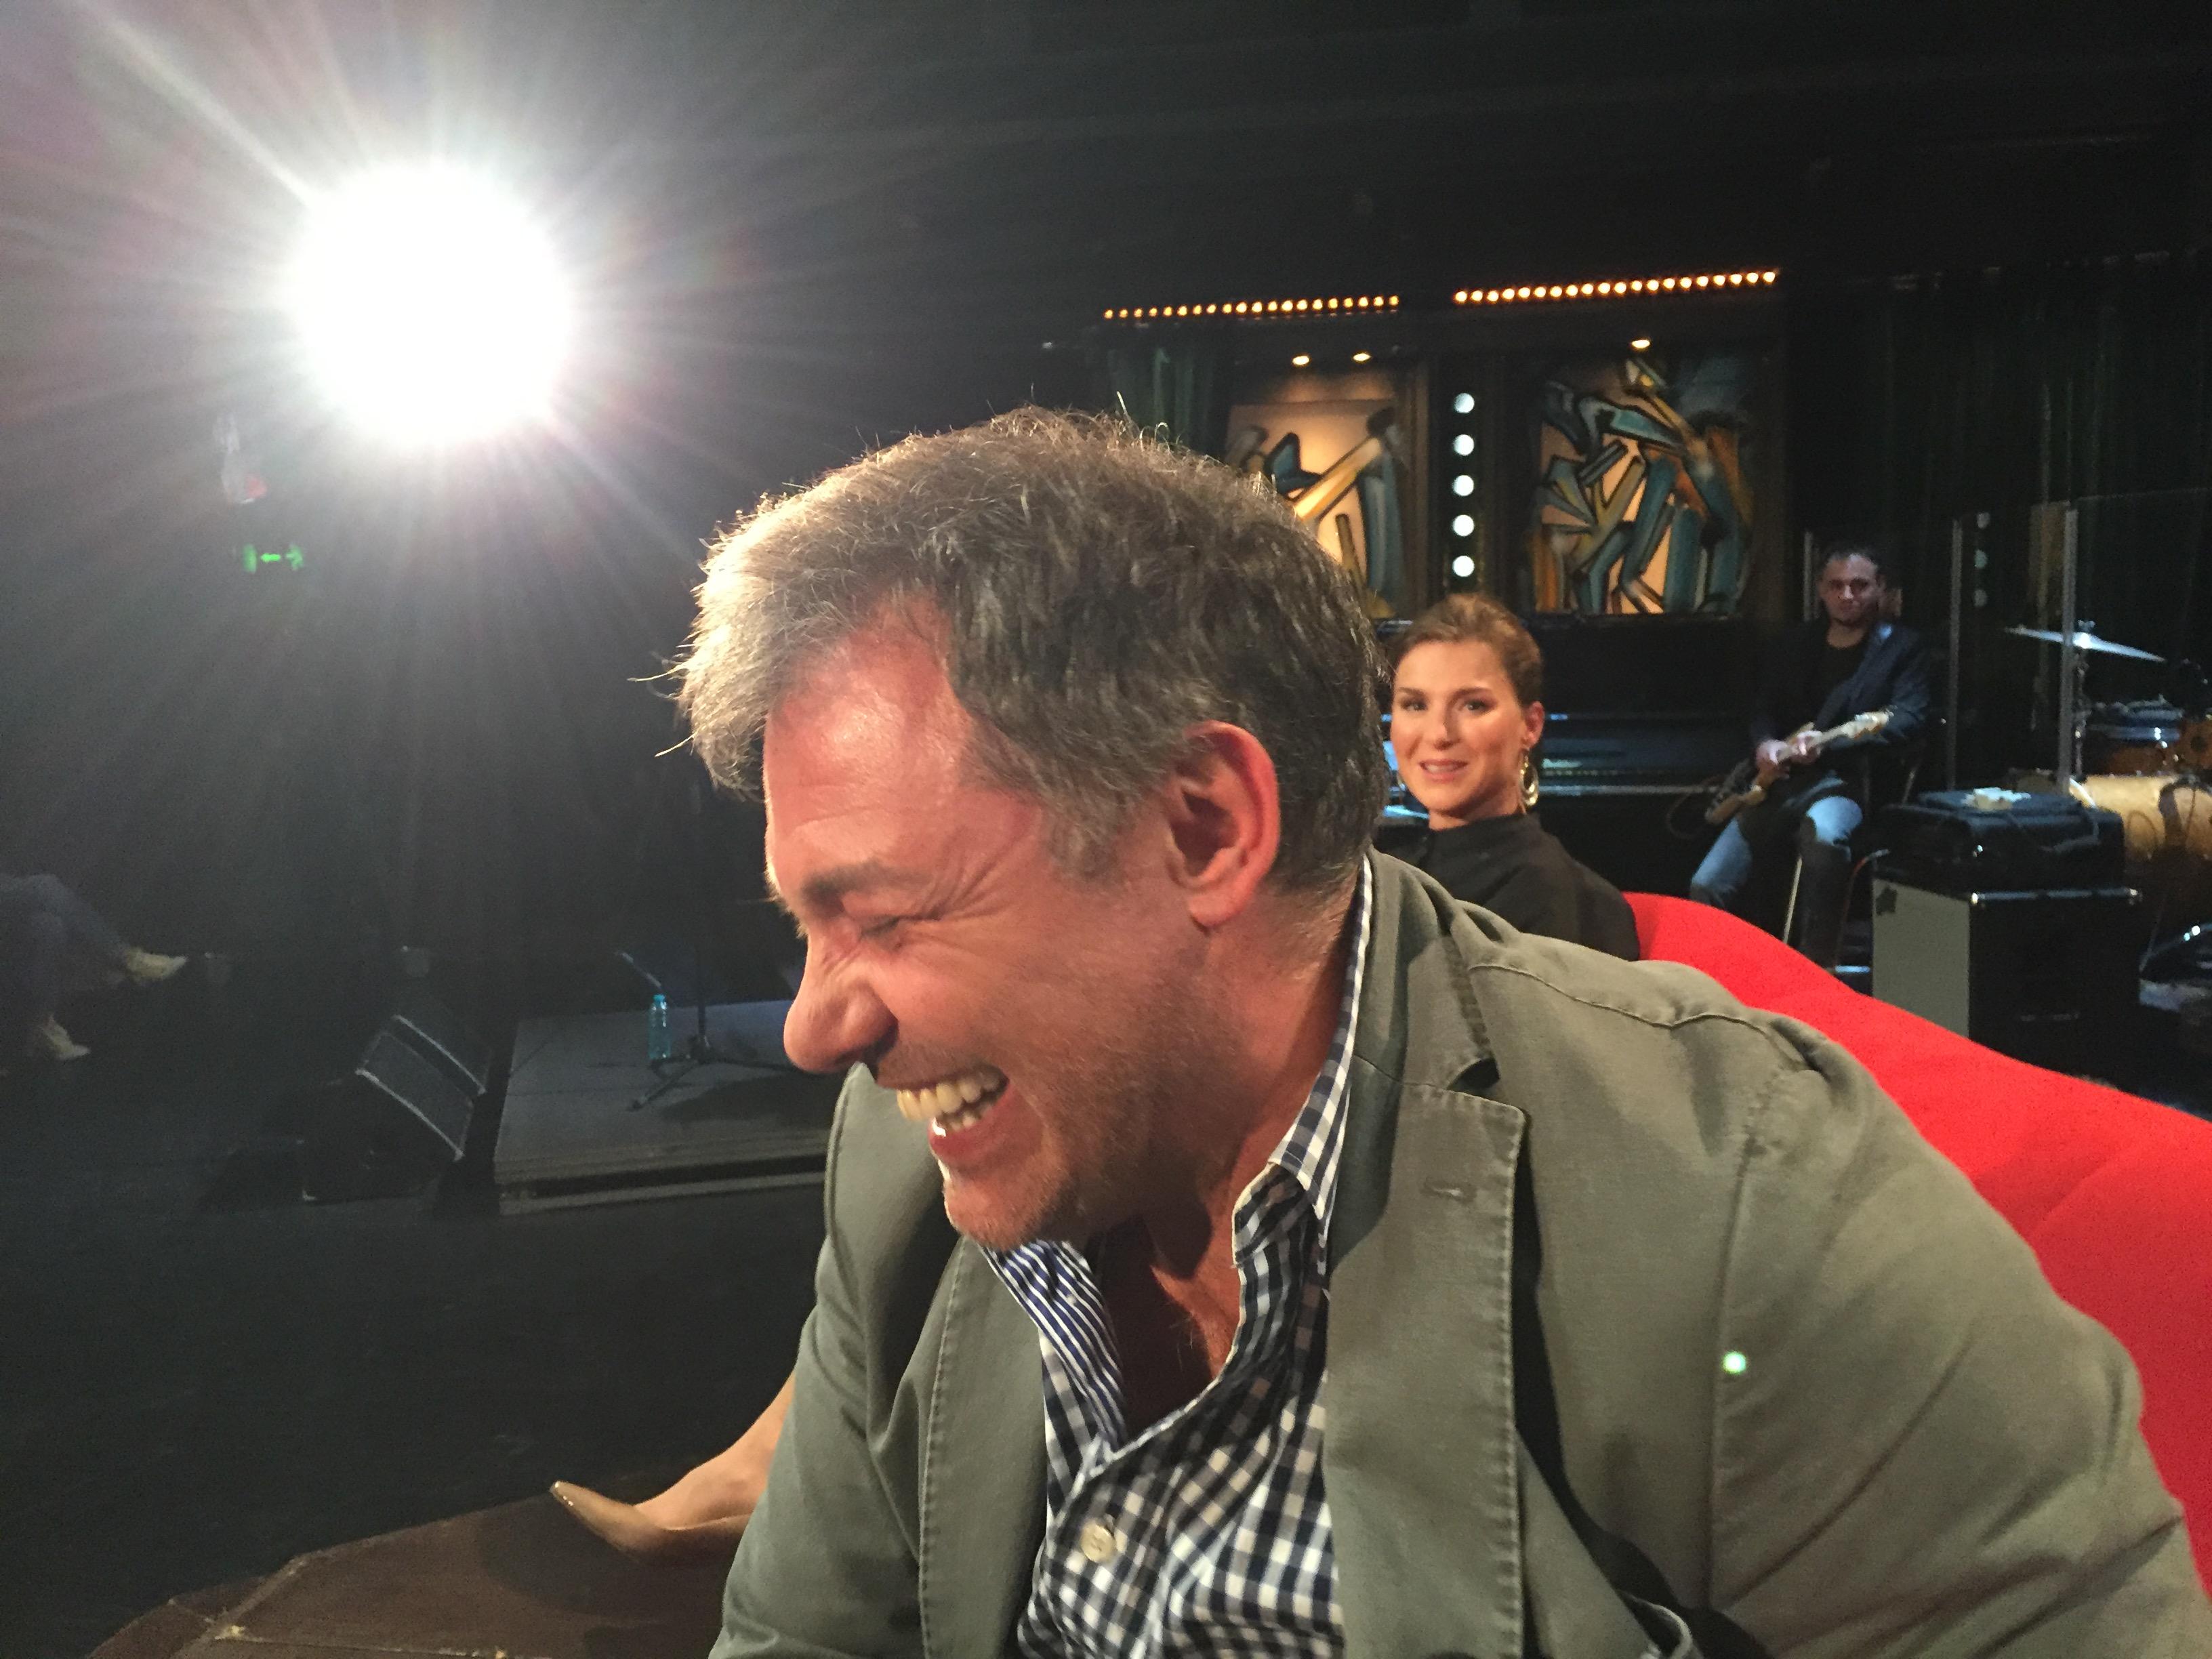 Moderátor Jan Kraus nasnímal mobilem fotografa Gorana Tačevskiho přímo při natáčení pořadu.